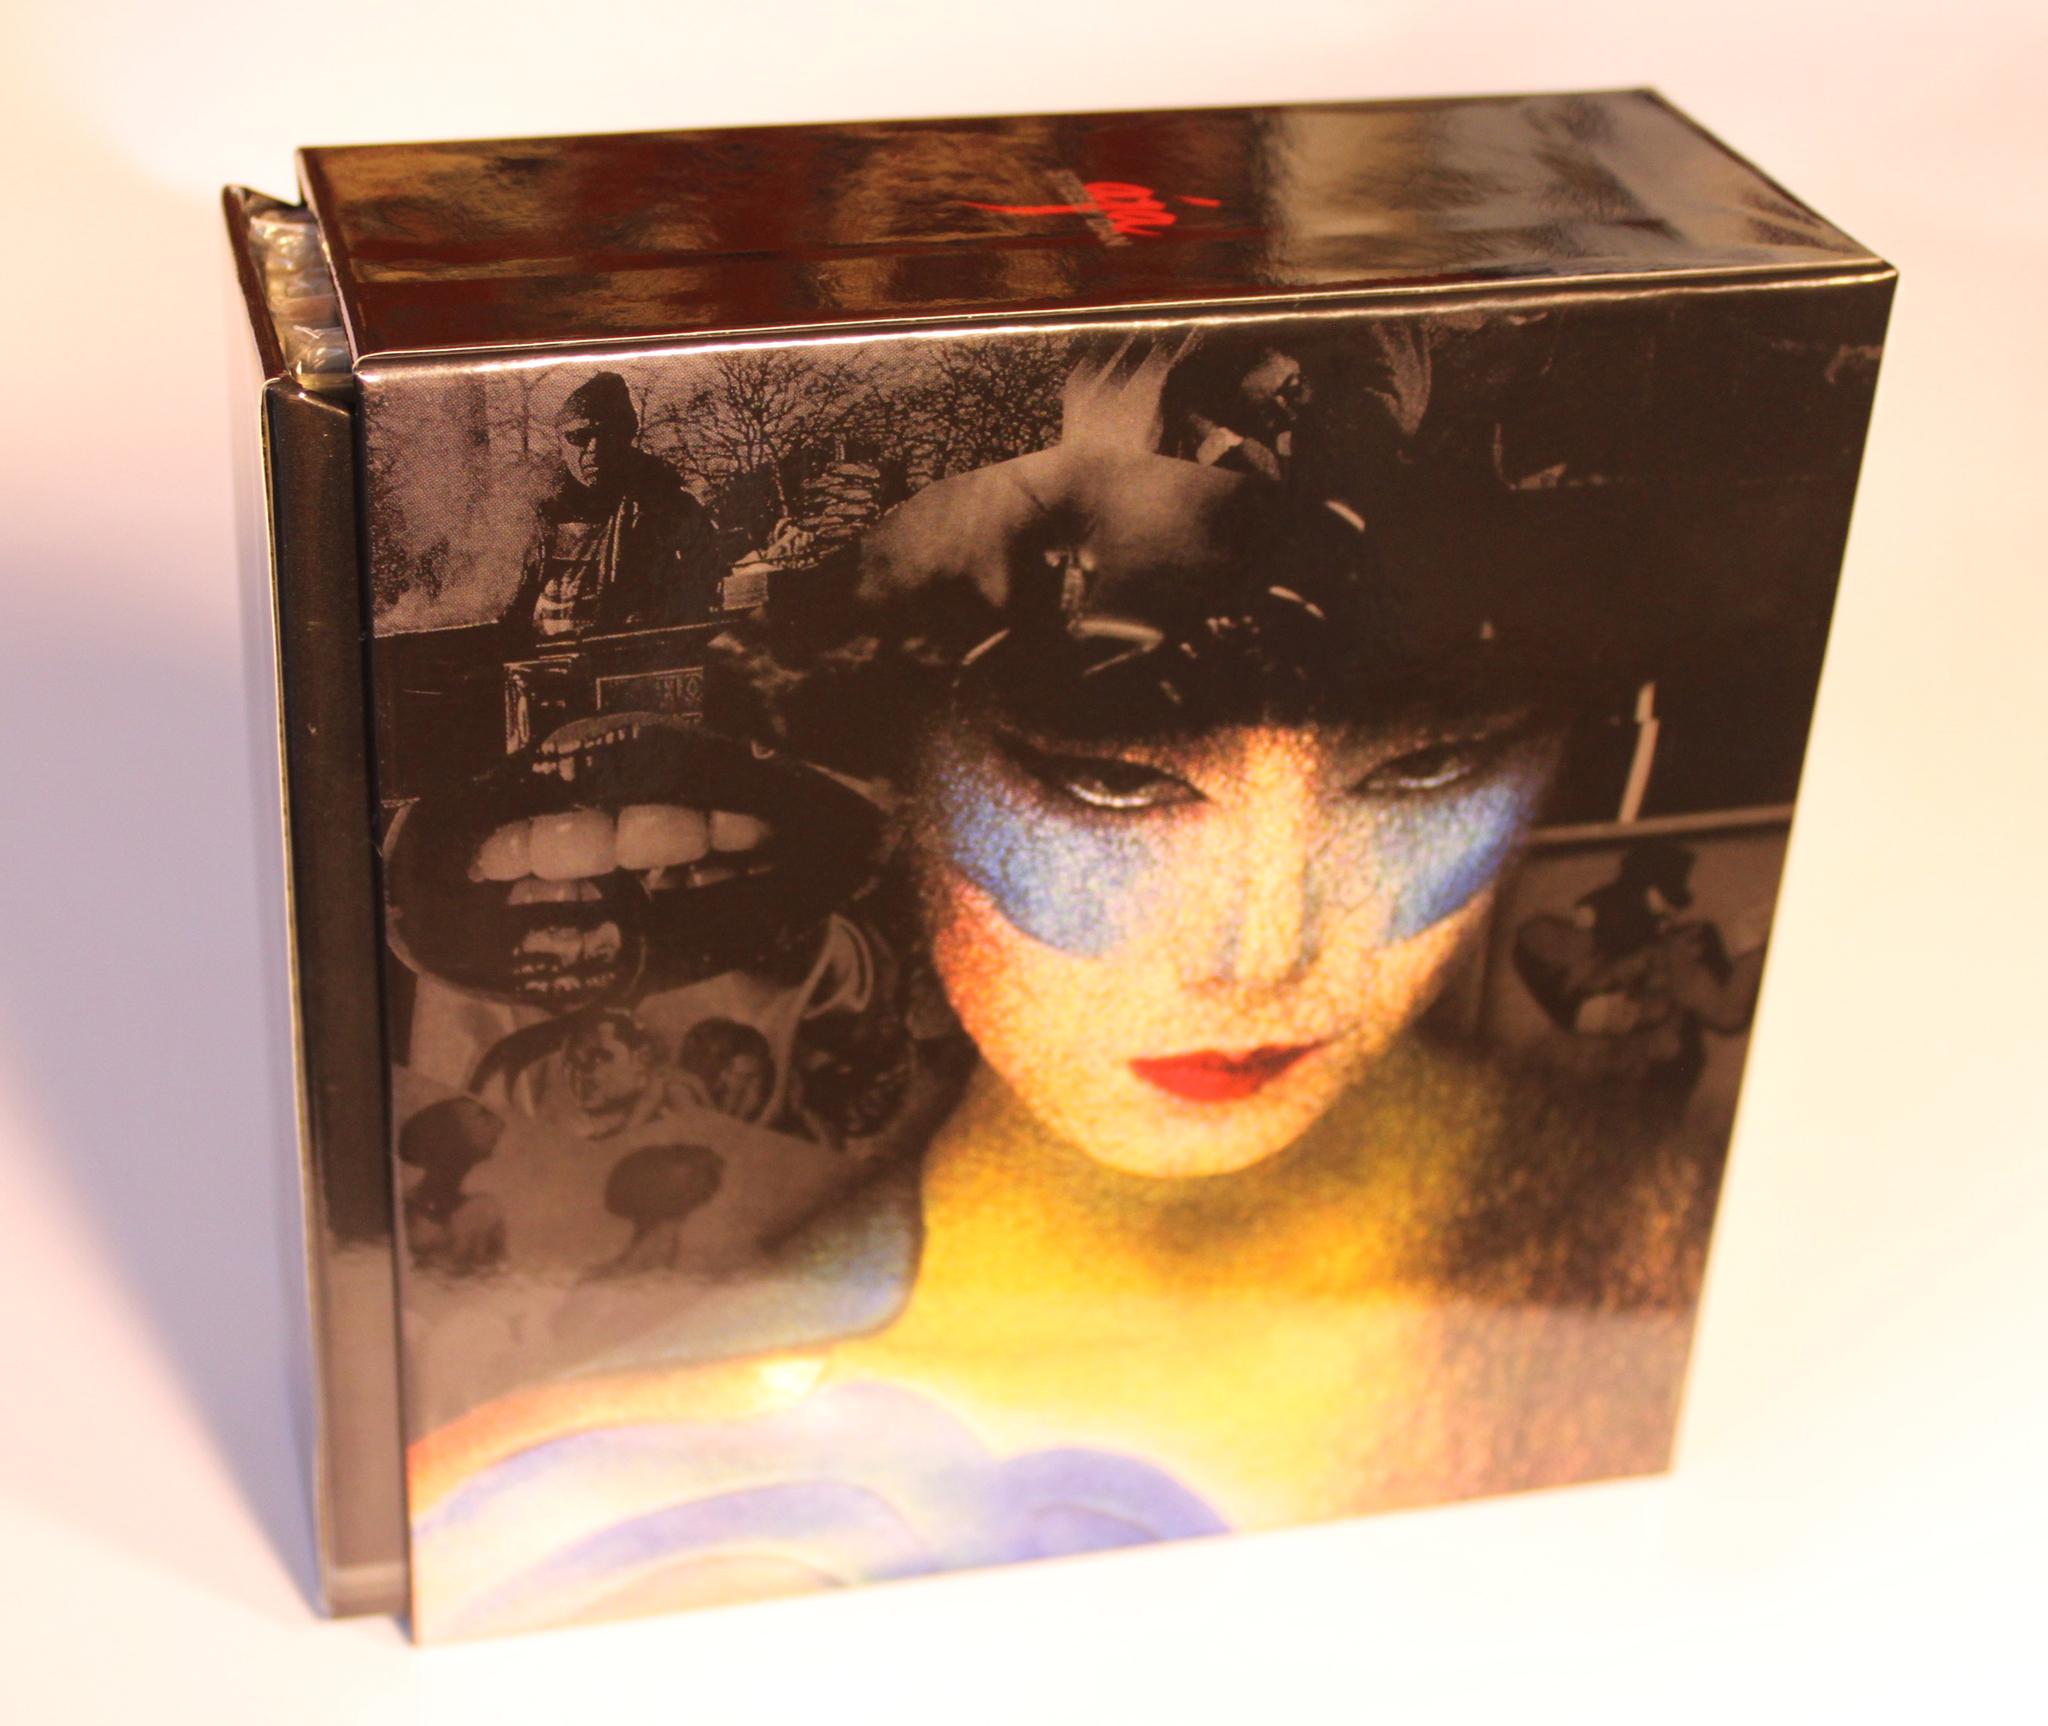 Комплект Steely Dan 7 Mini Lp Shm Cd Box